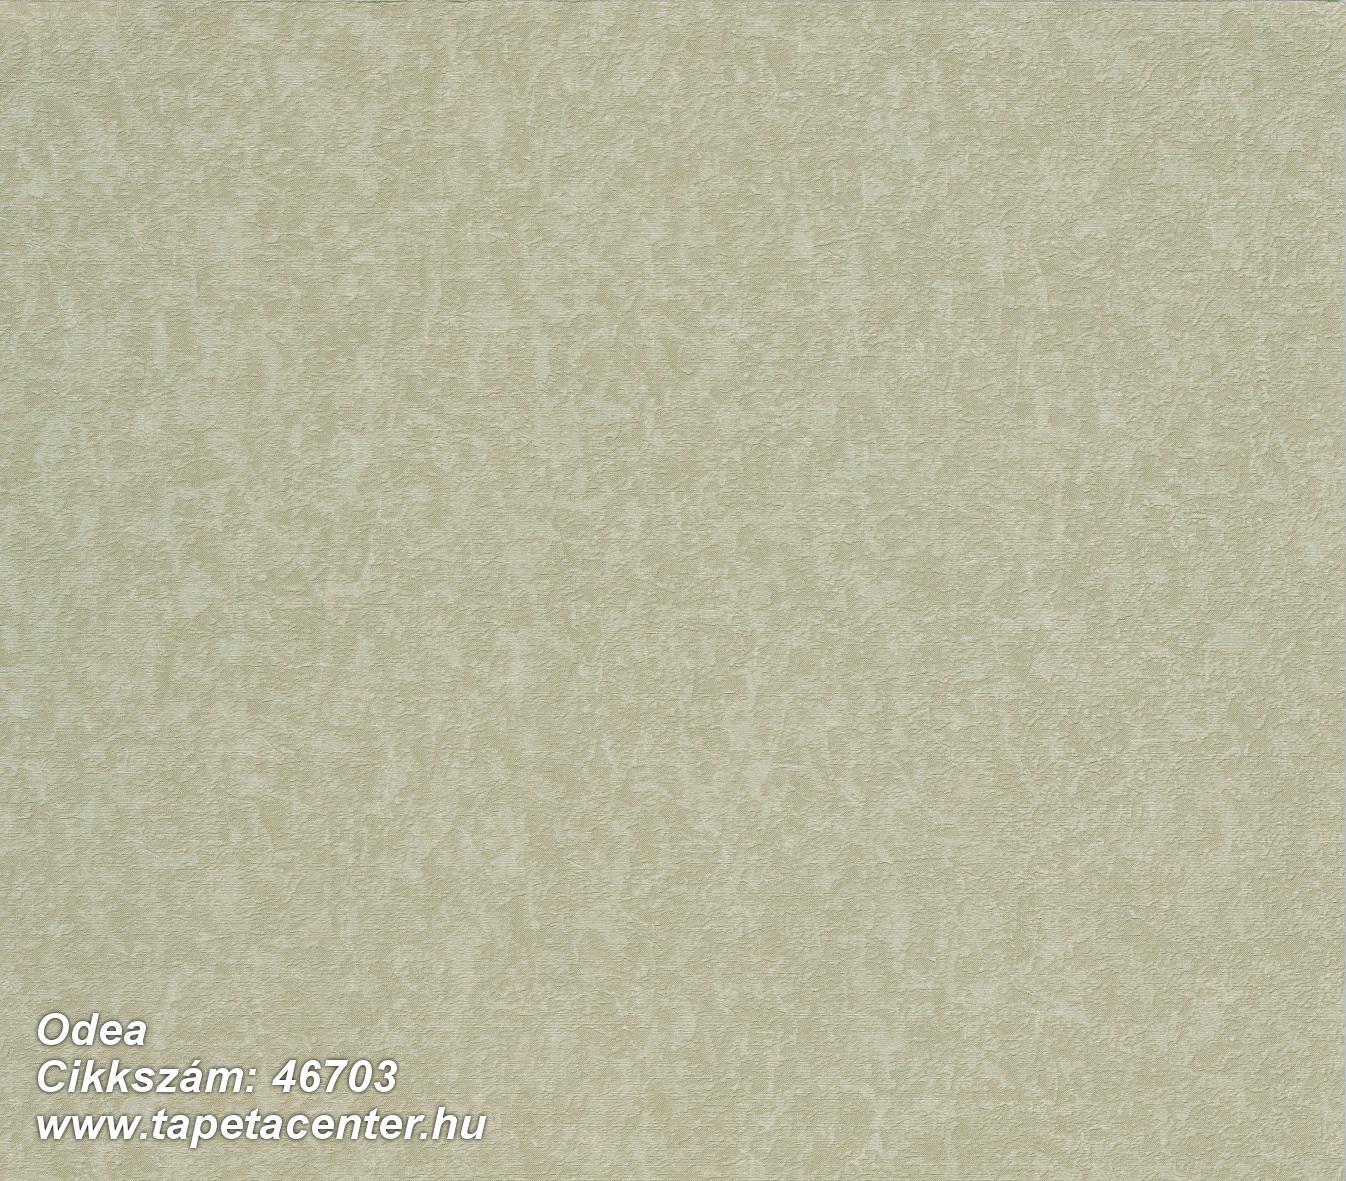 Odea - 46703 Olasz tapéta